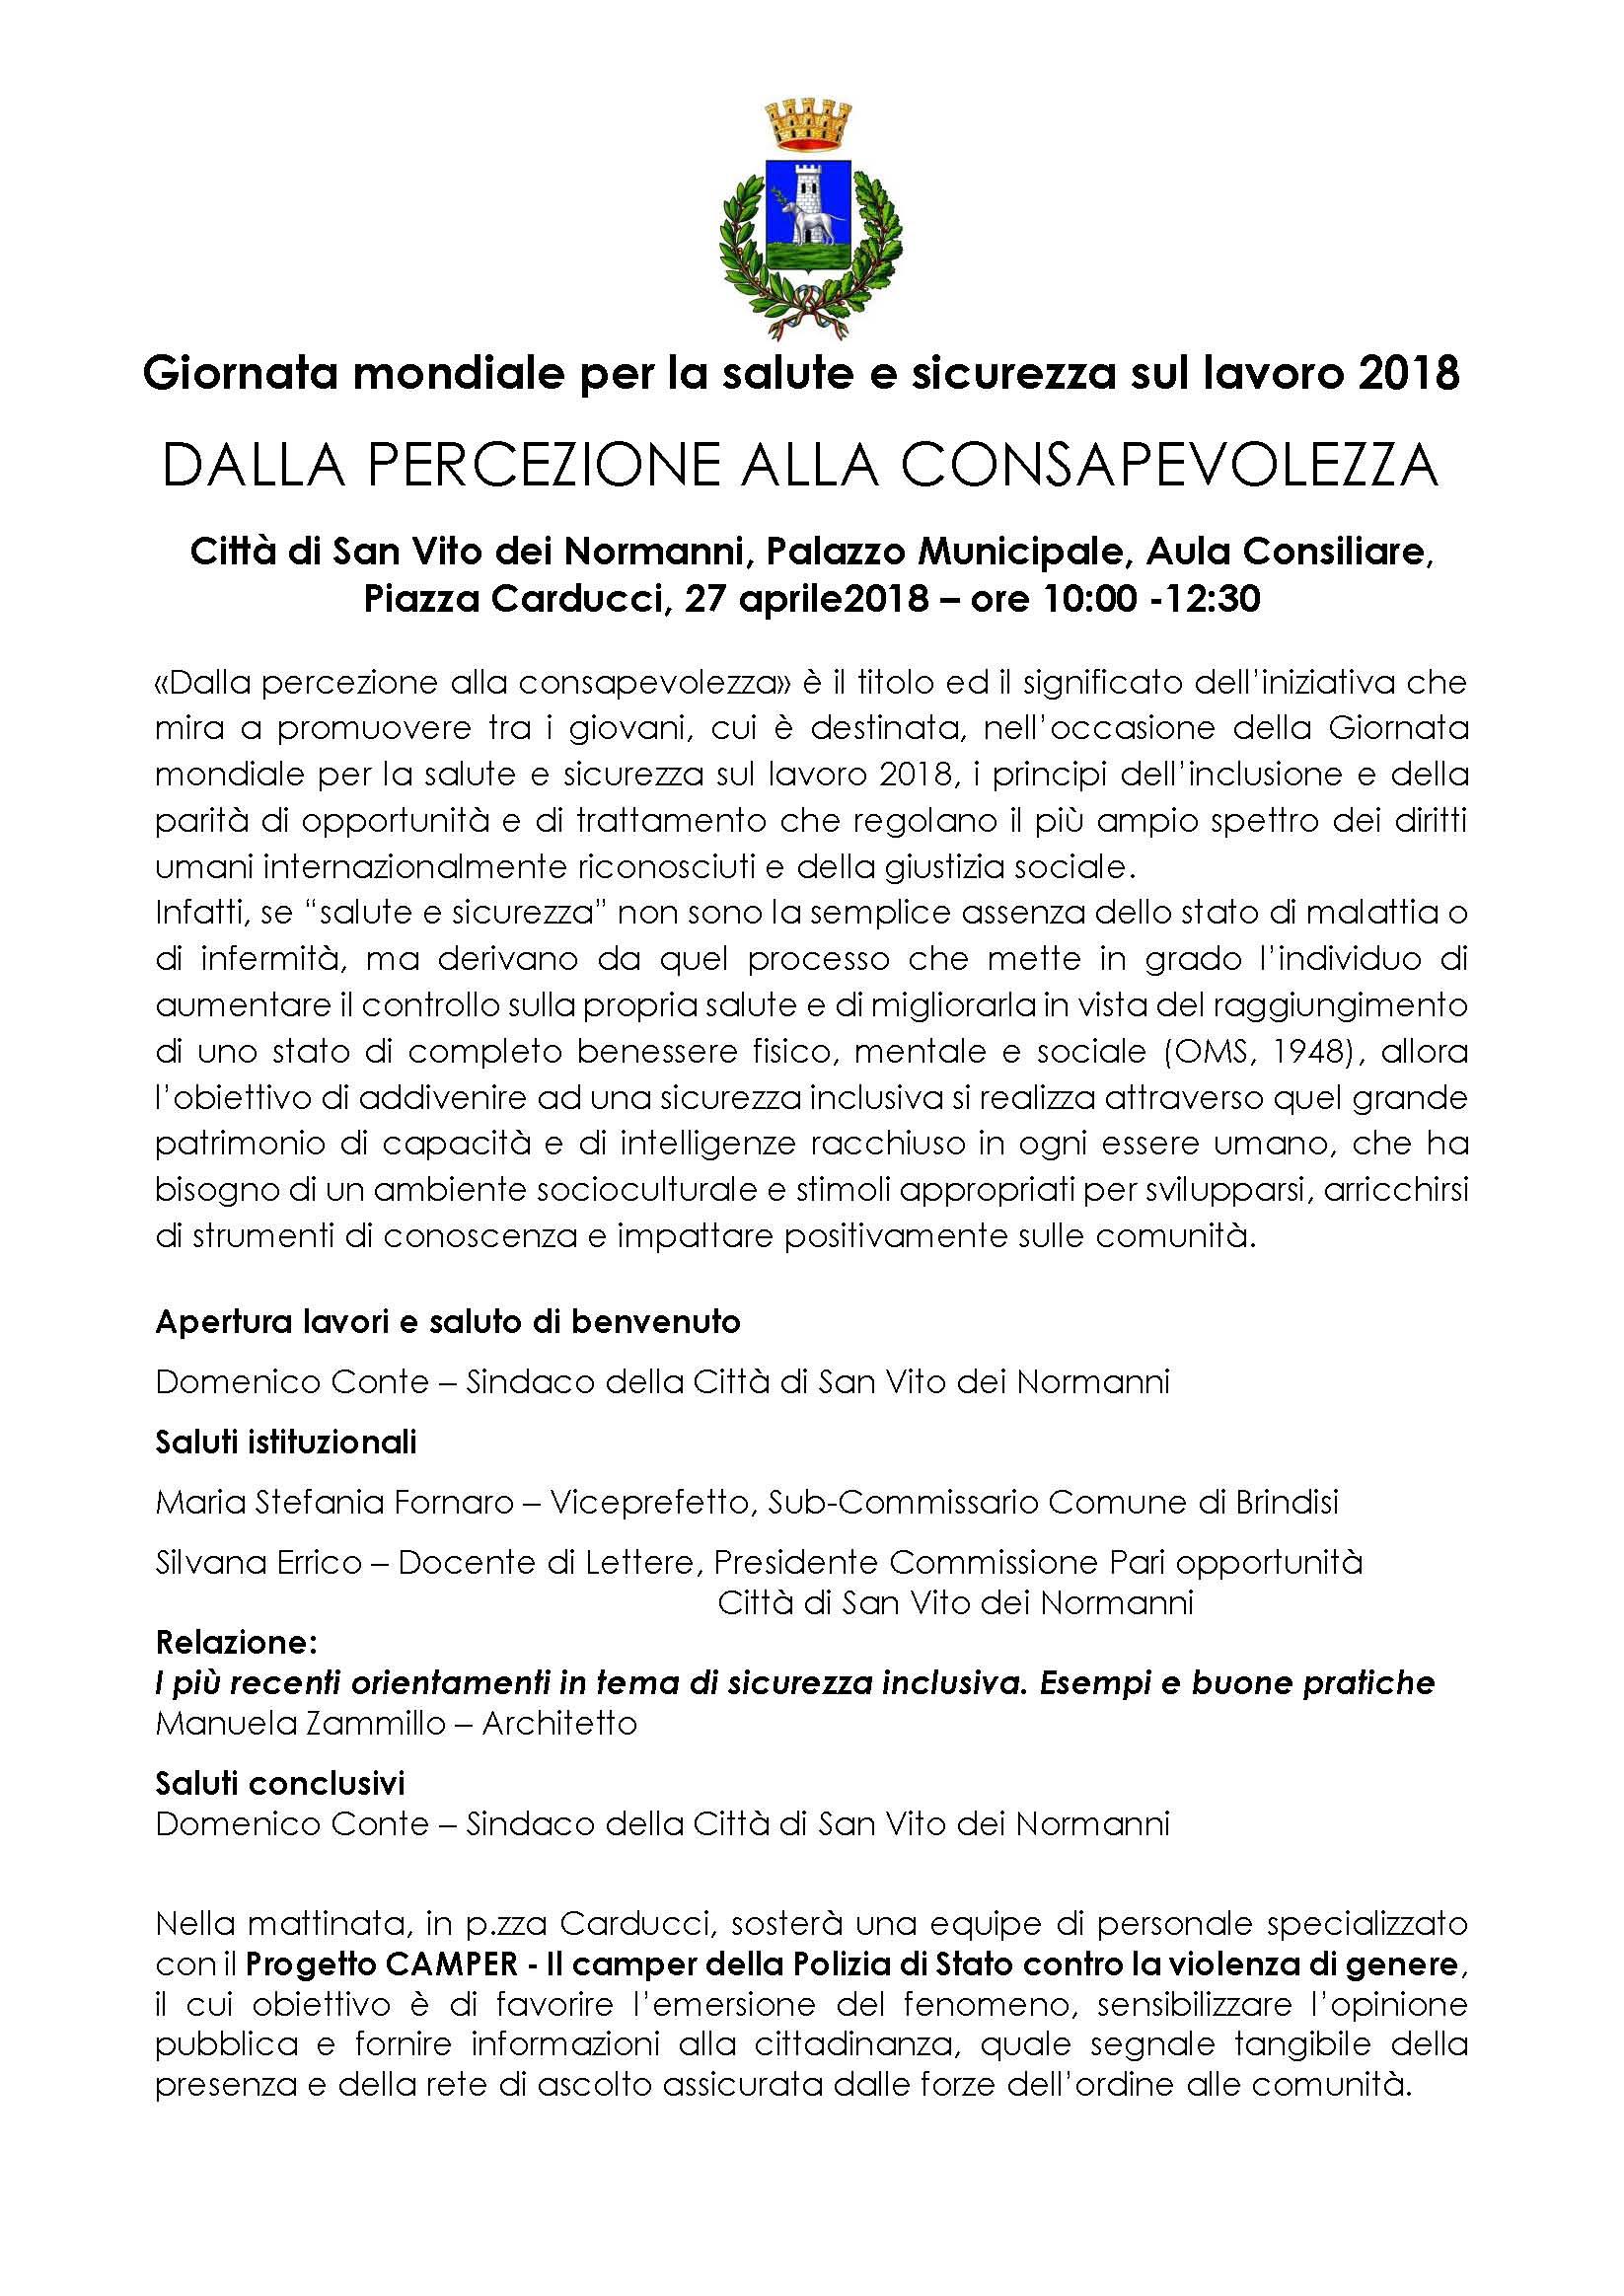 http://www.fondlhs.org/wp-content/uploads/2018/04/GIORNATA-MONDIALE-SICUREZZA-San-Vito-Normanni-27.04.2018.jpg